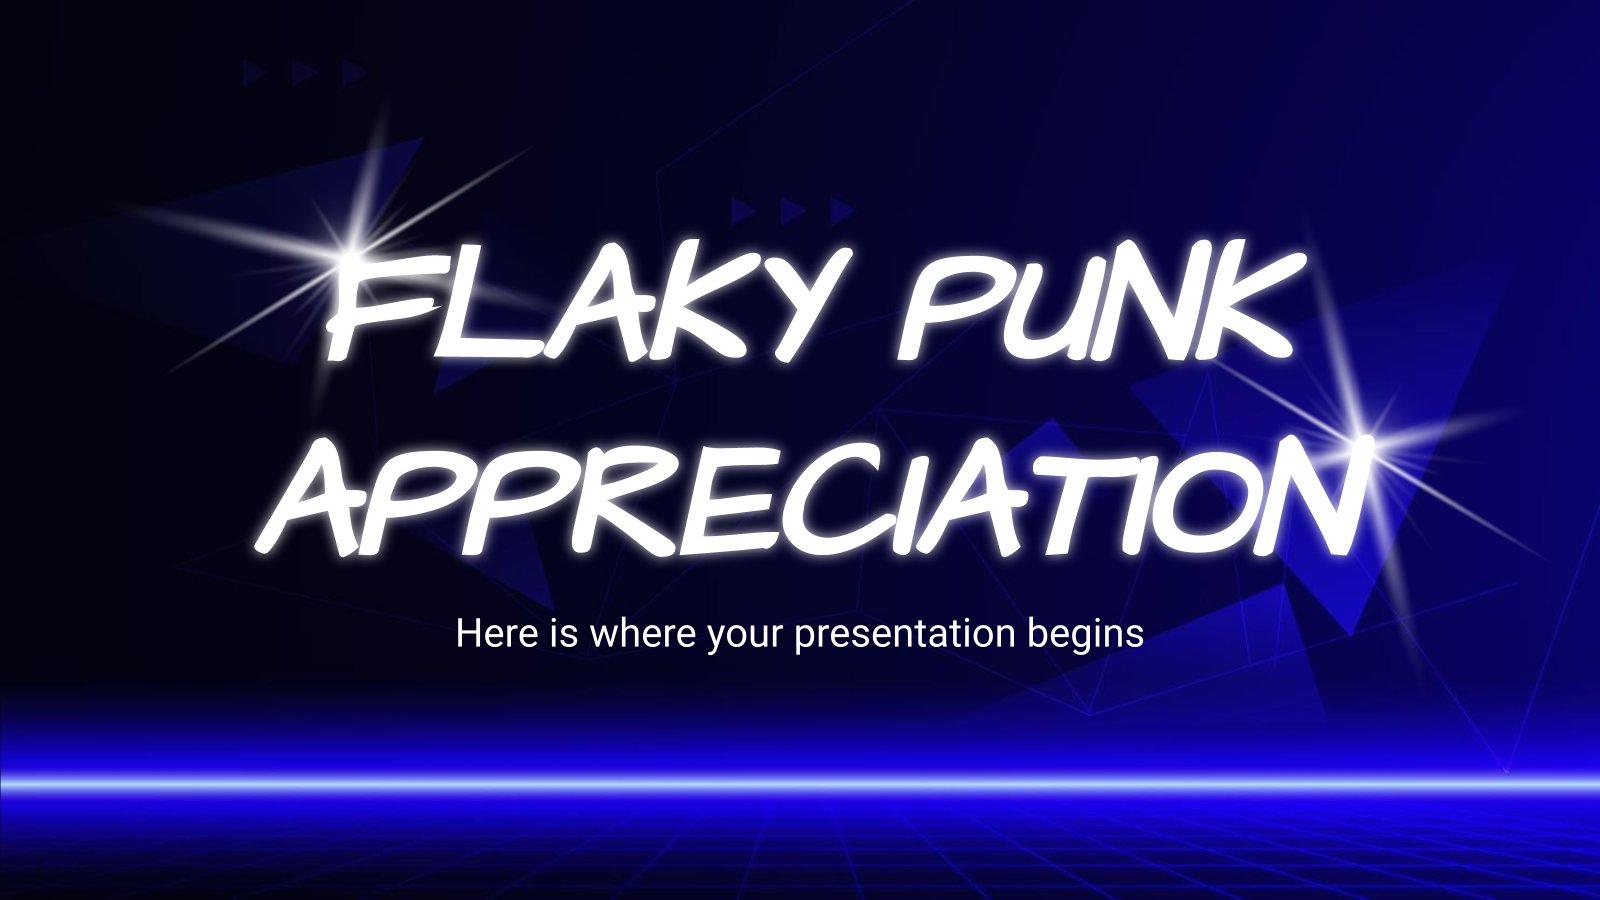 Vorliebe für Punkmusik Präsentationsvorlage